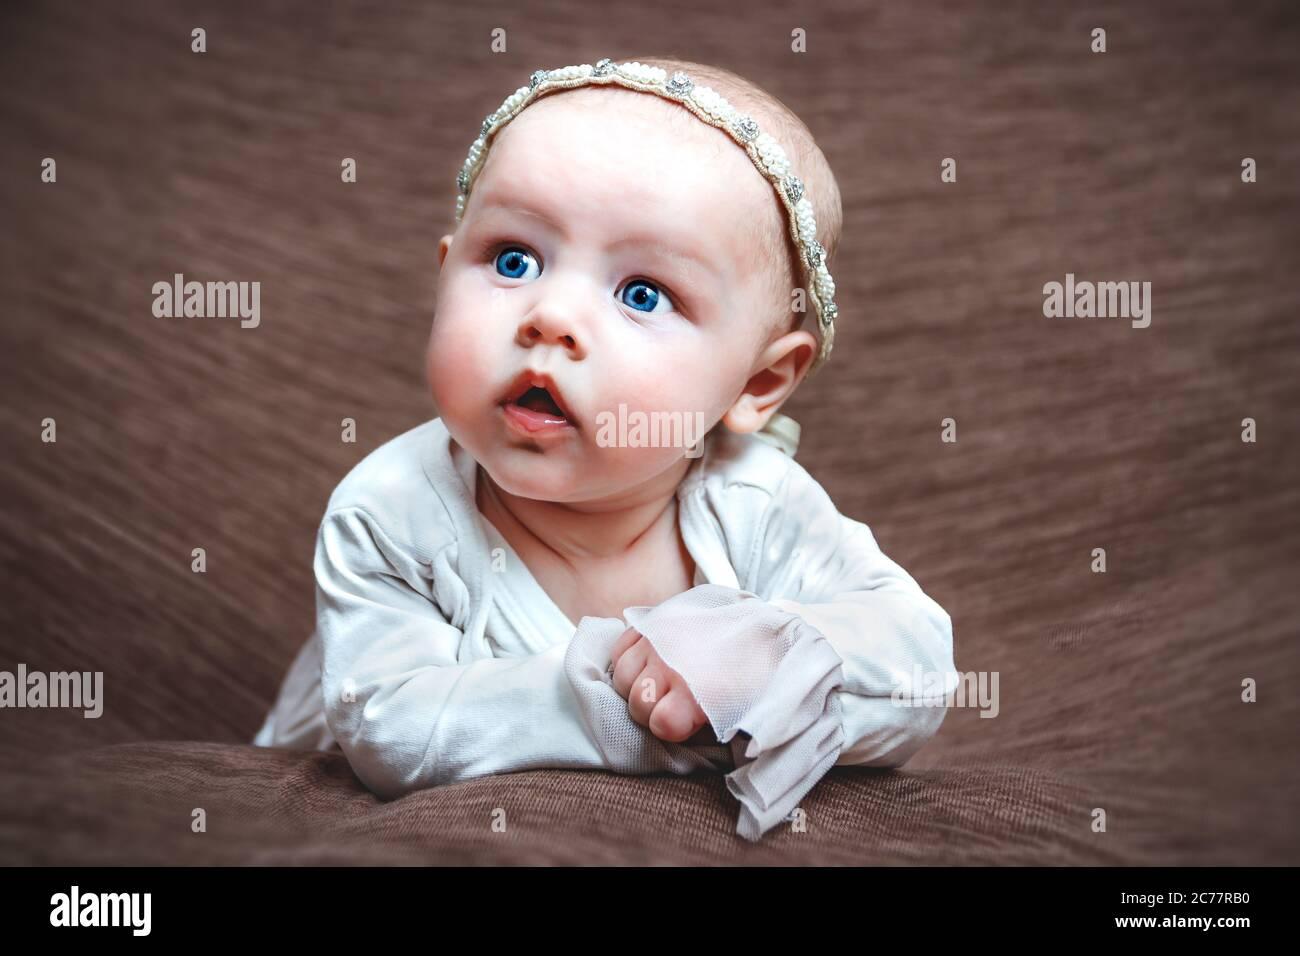 Baby girl closeup facial expression Stock Photo